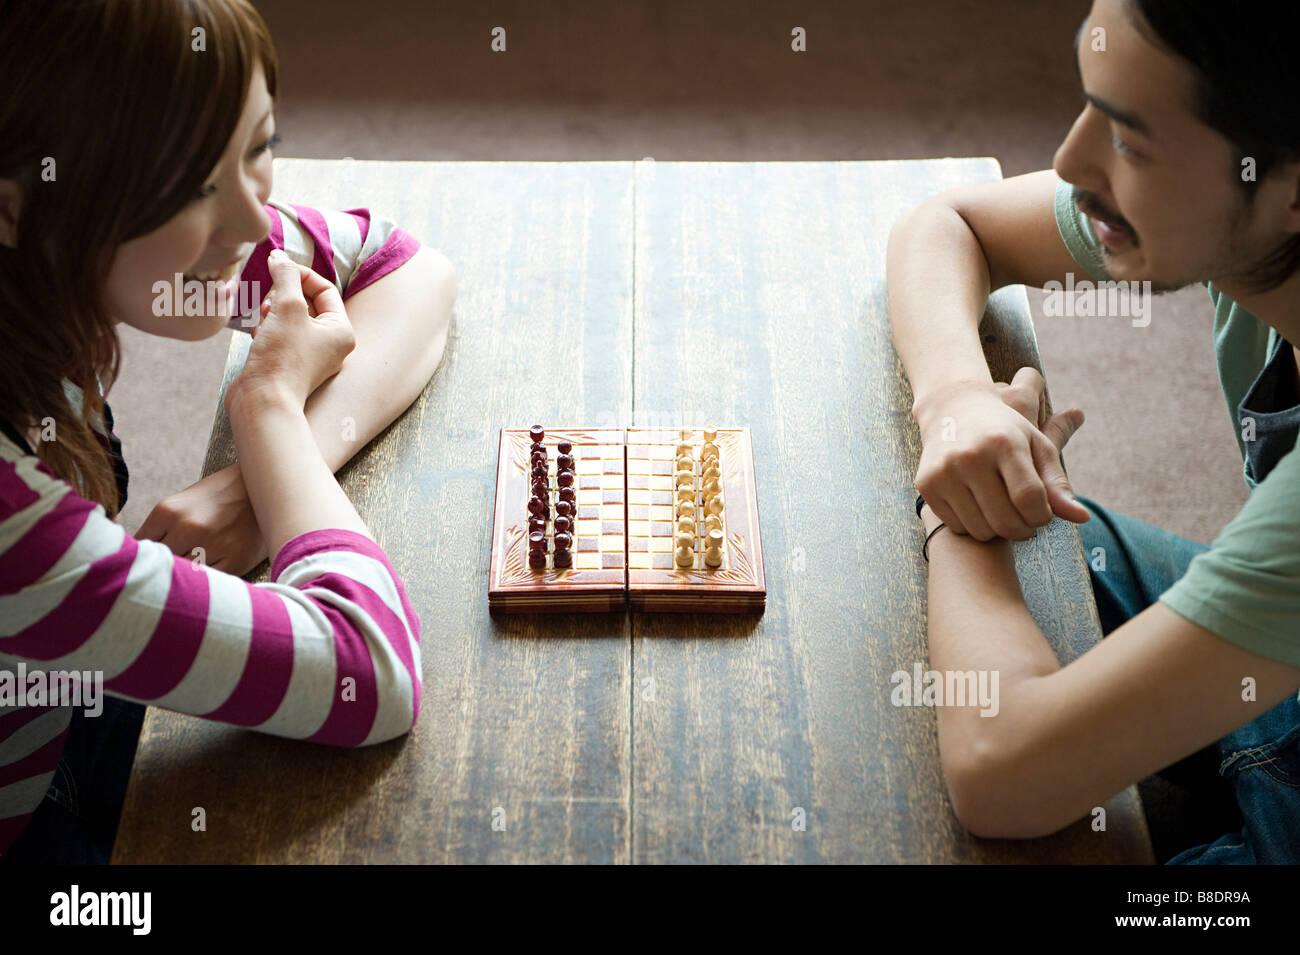 Jeune couple jouant aux échecs Photo Stock